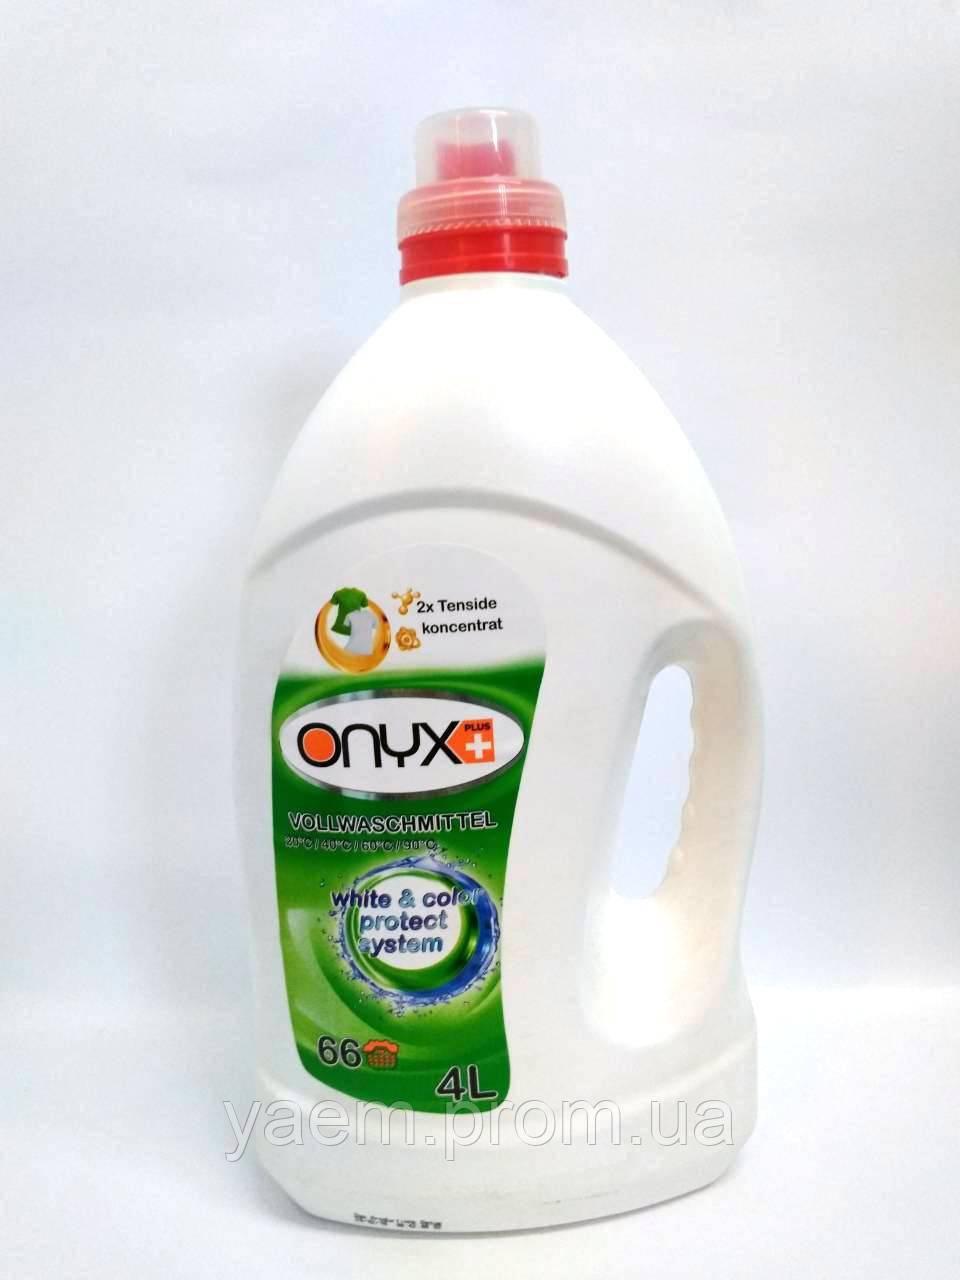 Гель для стирки цветного и белого белья Onyx 4л